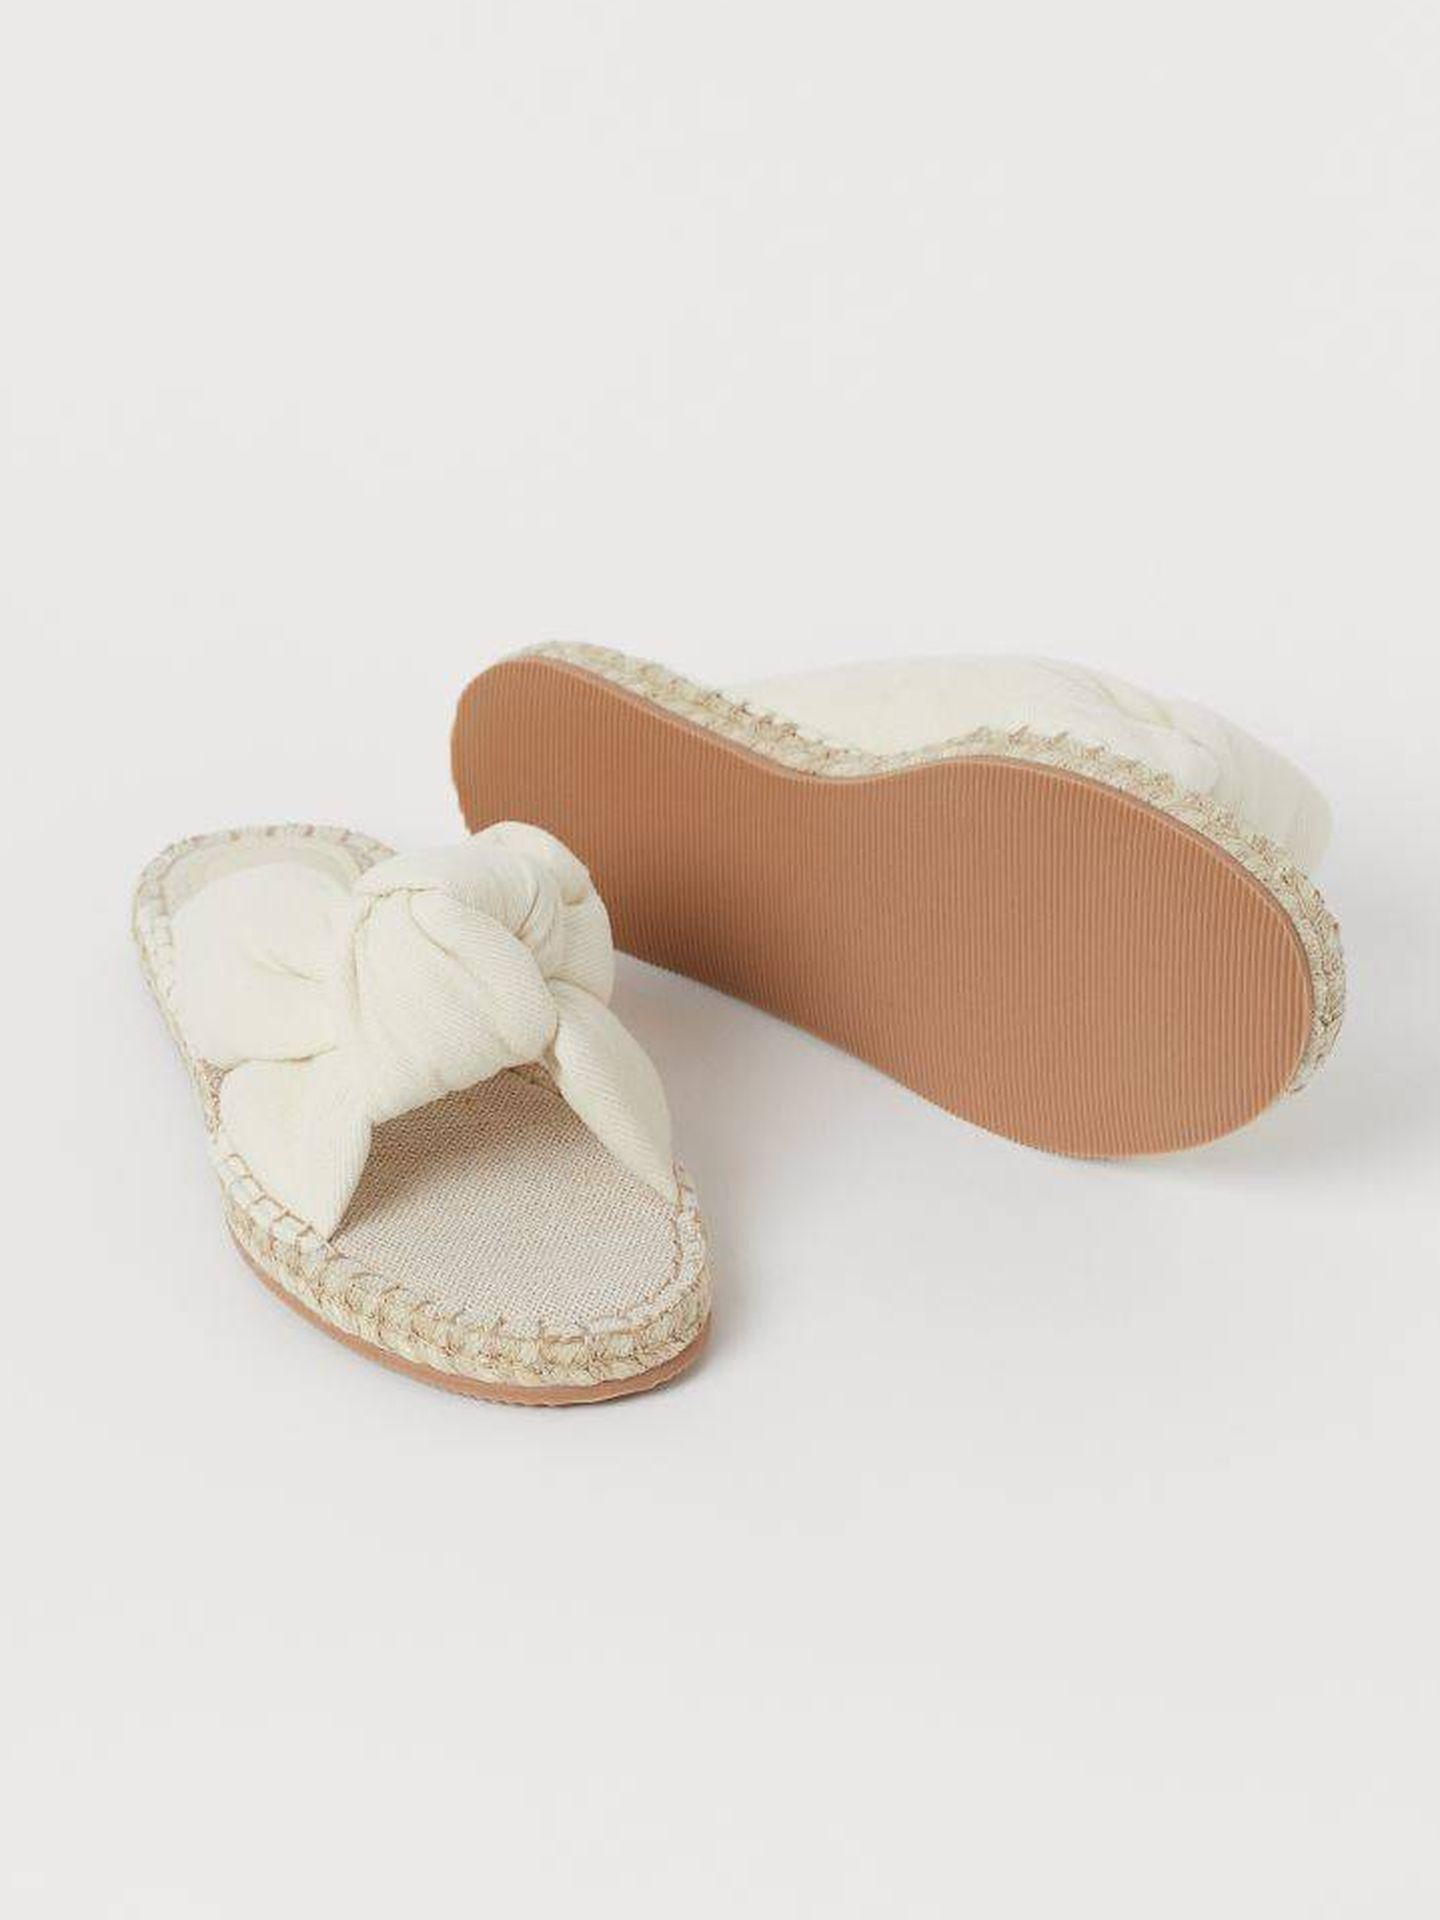 Sandalias planas de nudo de HyM. (Cortesía)